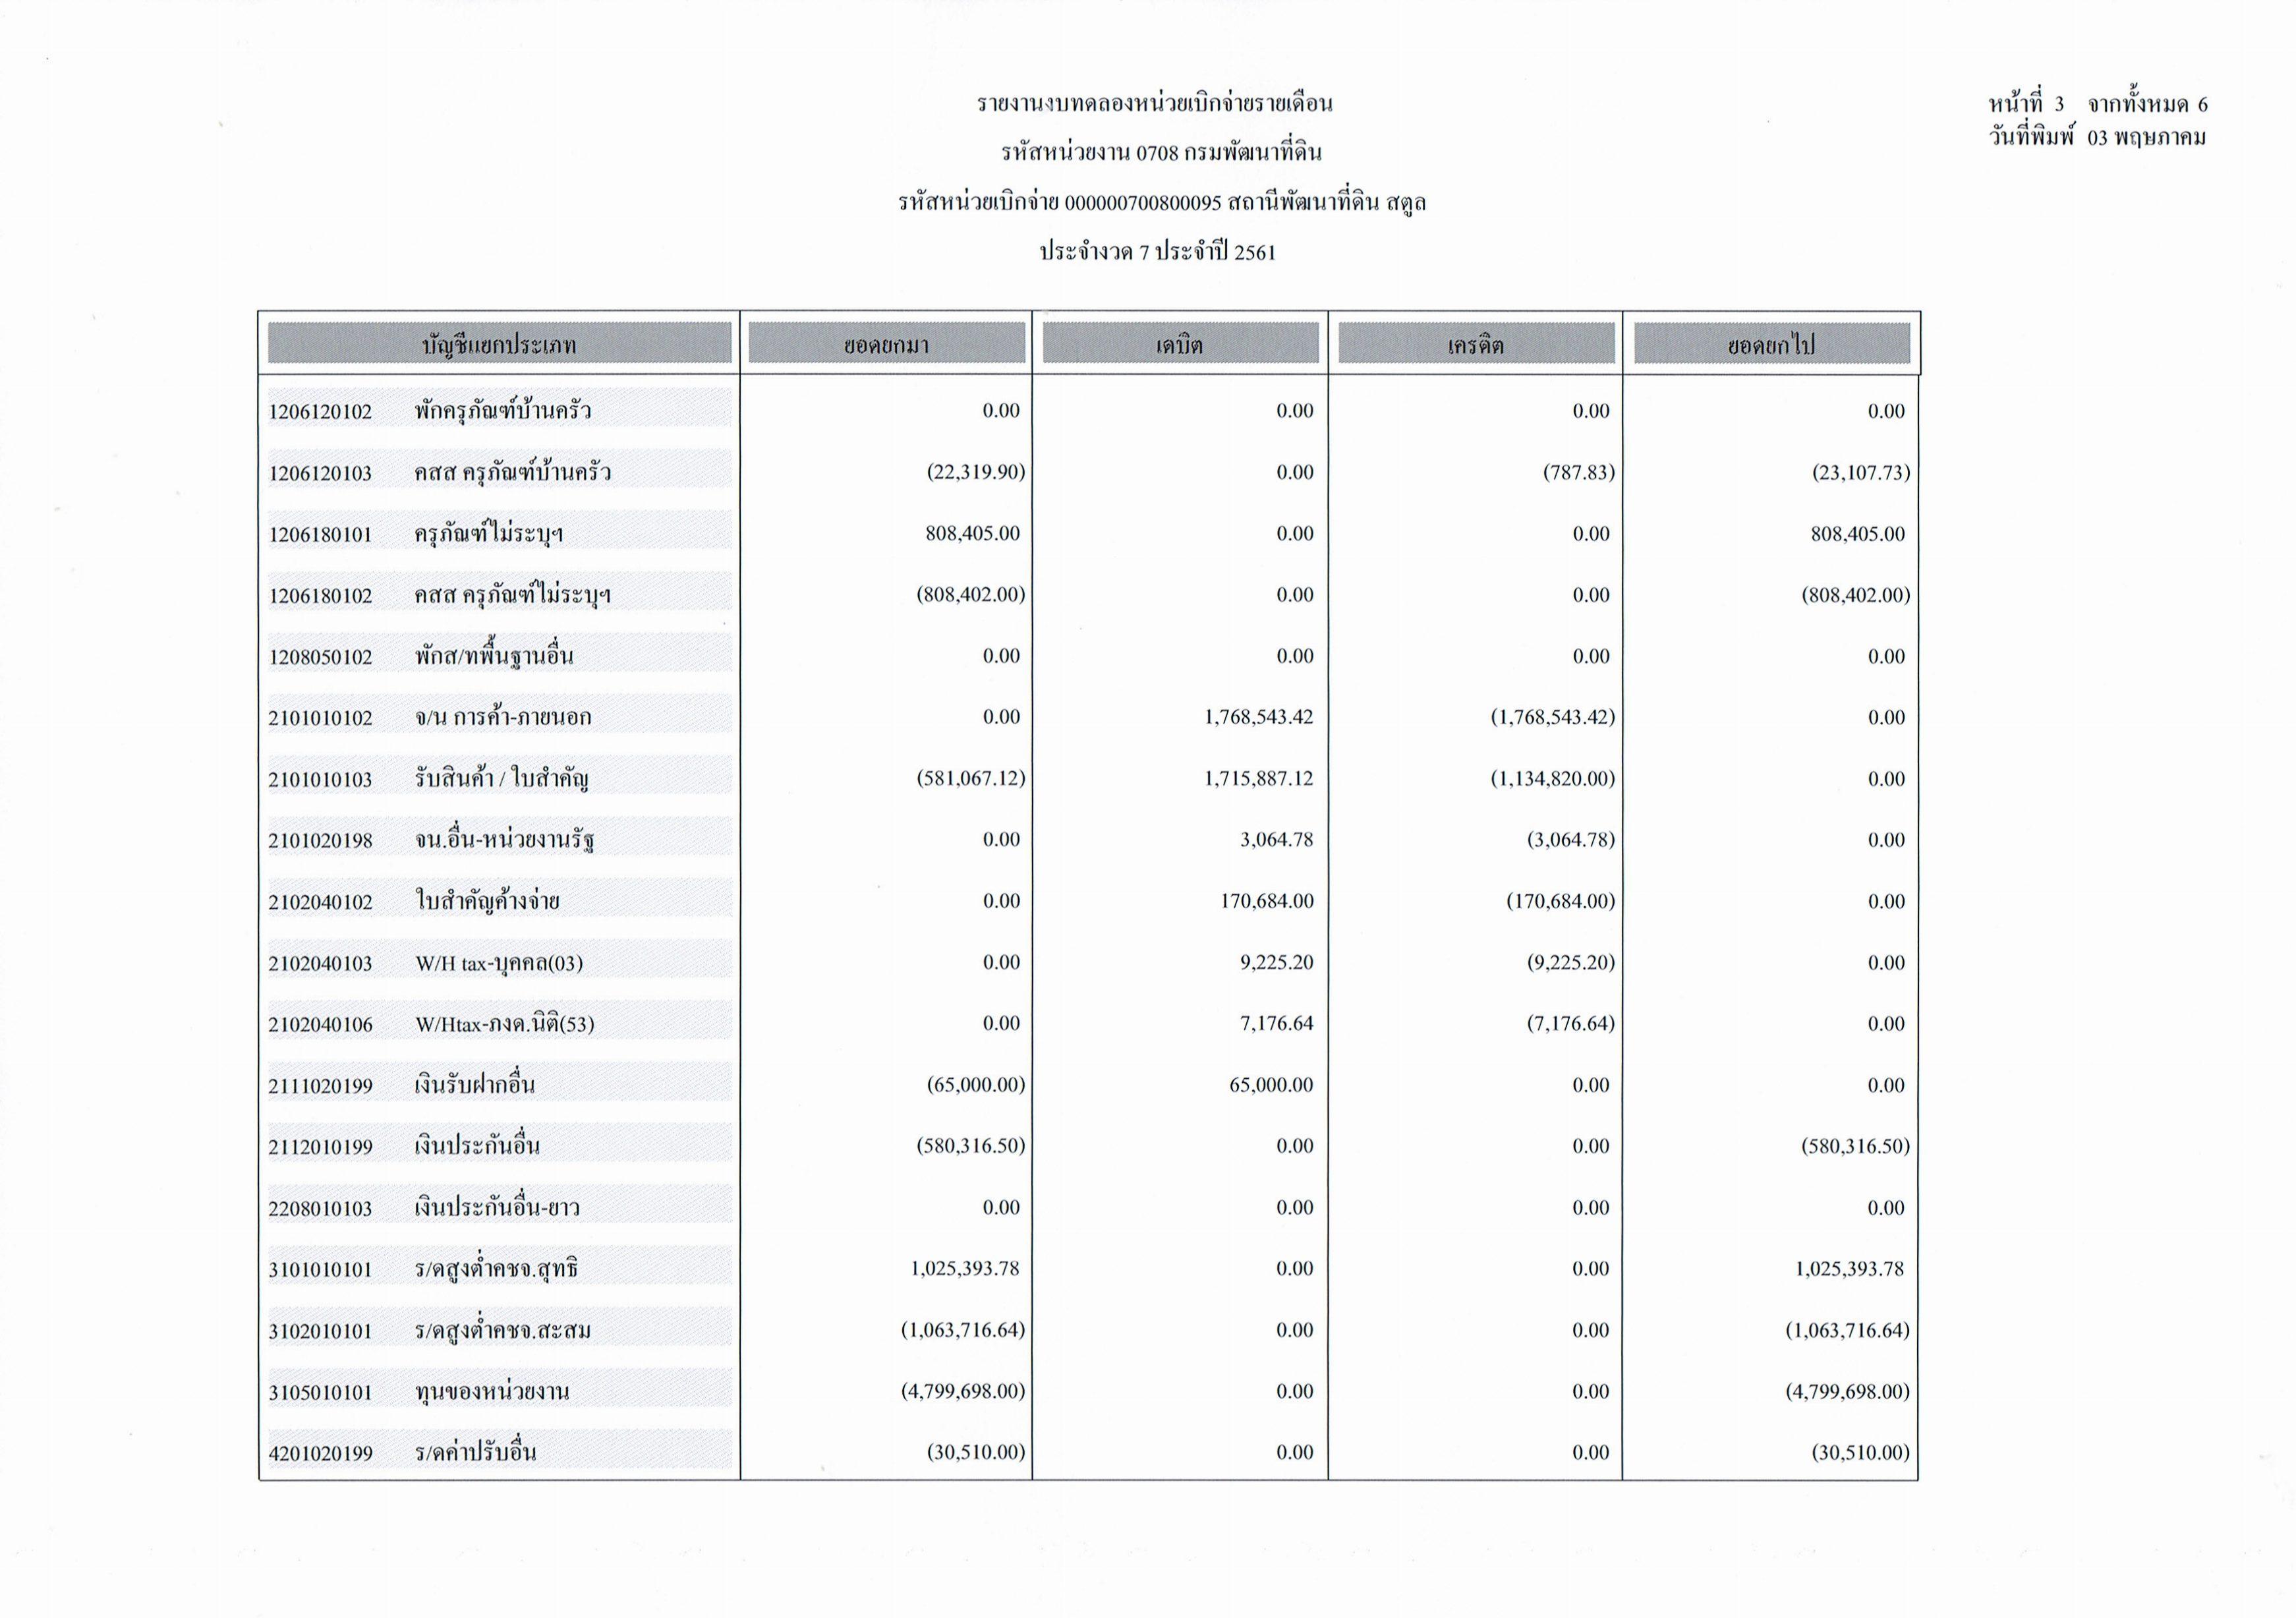 รายงานงบทดลองหน่วยเบิกจ่ายรายเดือนเมษายน ประจำงวด 7 ประจำปี 256_3